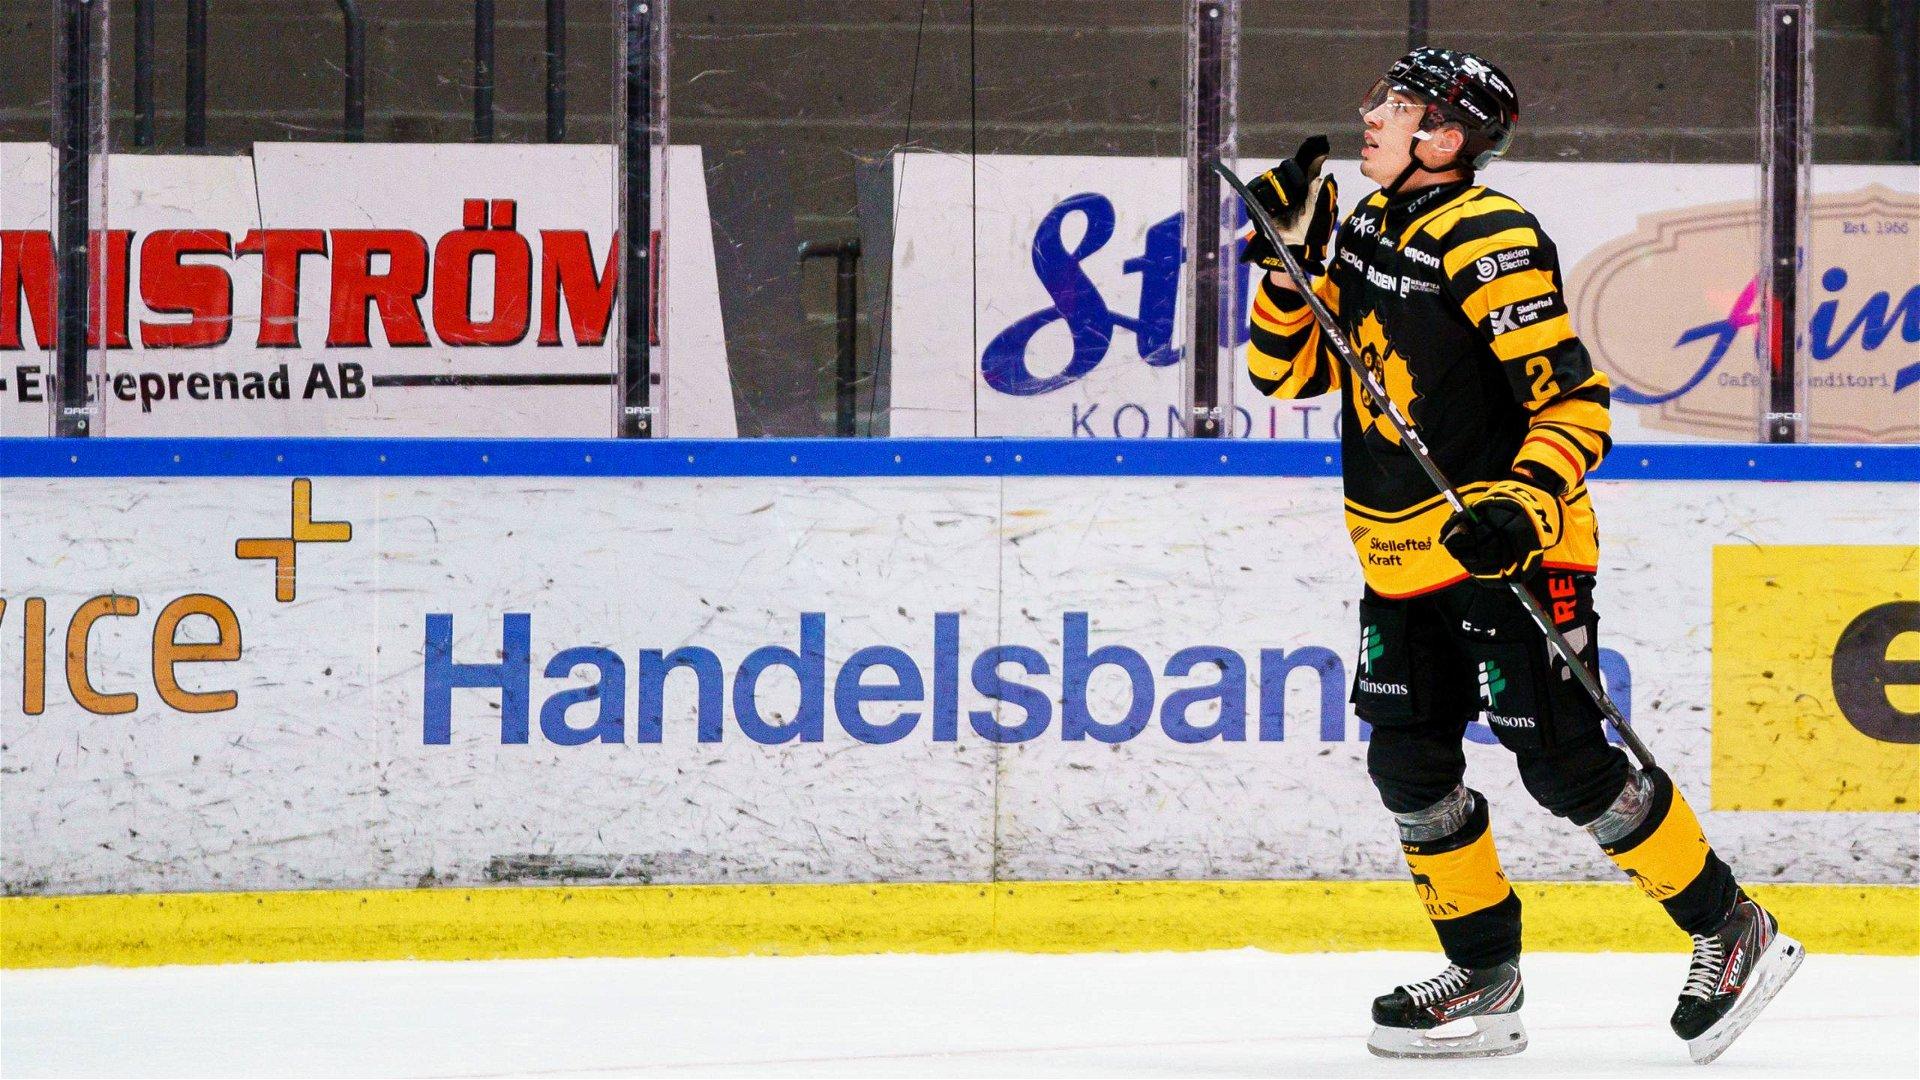 Adam Wilsby firar efter att ha avgjort mötet mellan Skellefteå och Växjö.